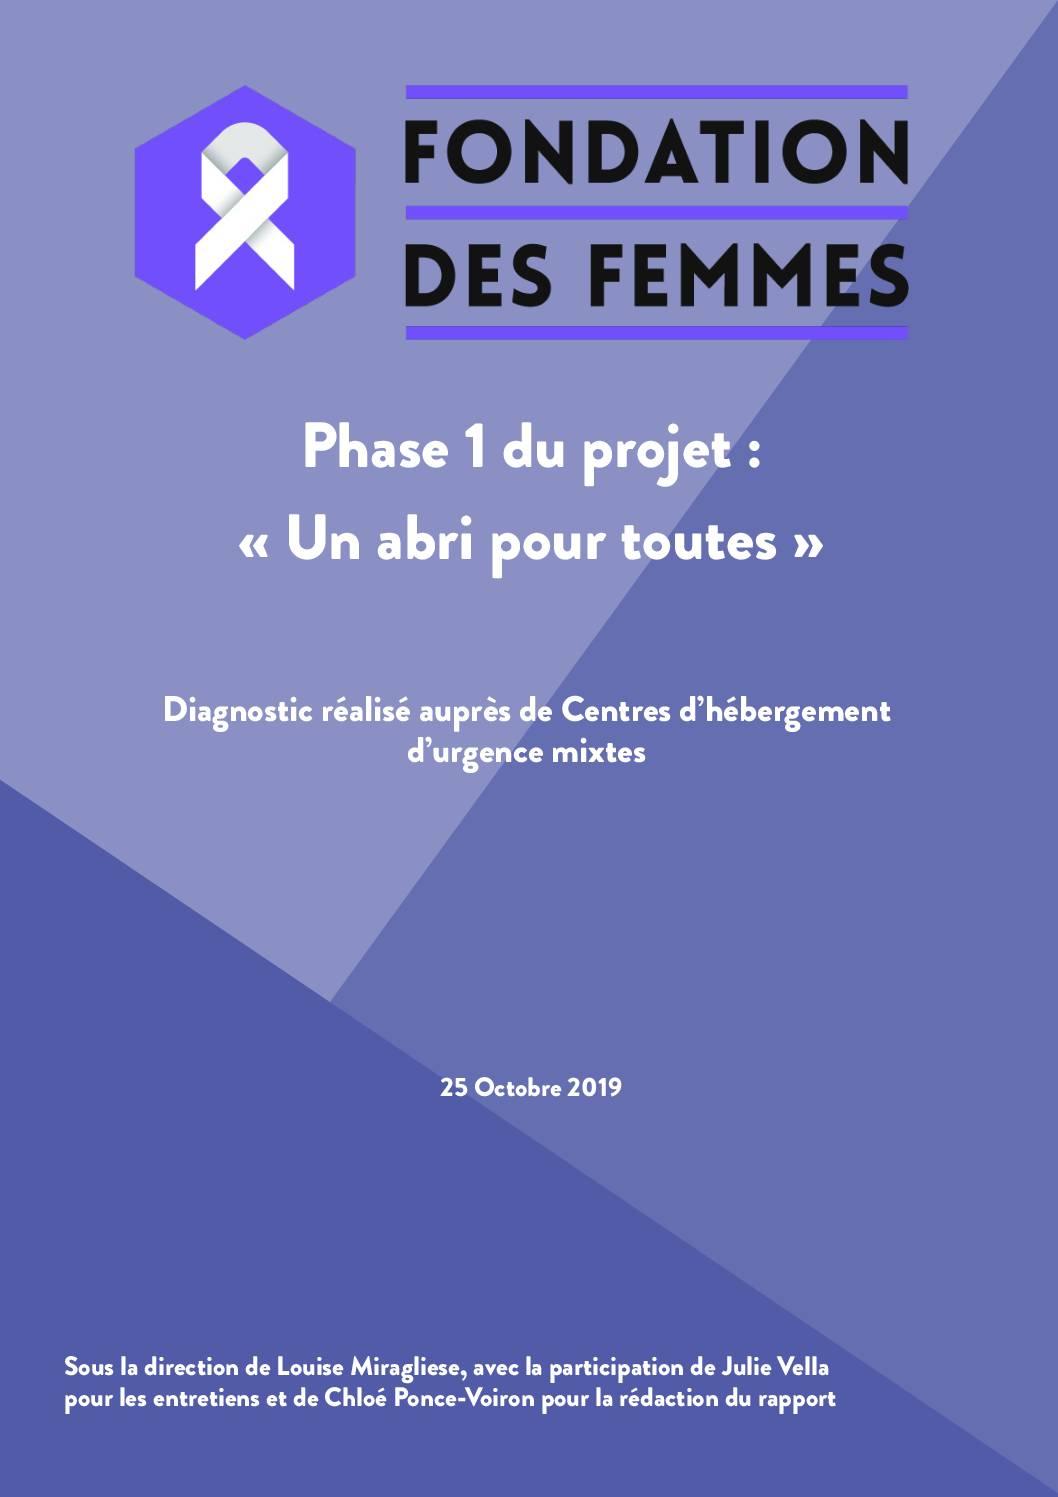 Projet #UnAbriPourToutes : audit sur la situation des femmes dans les centres d'hébergement mixtes